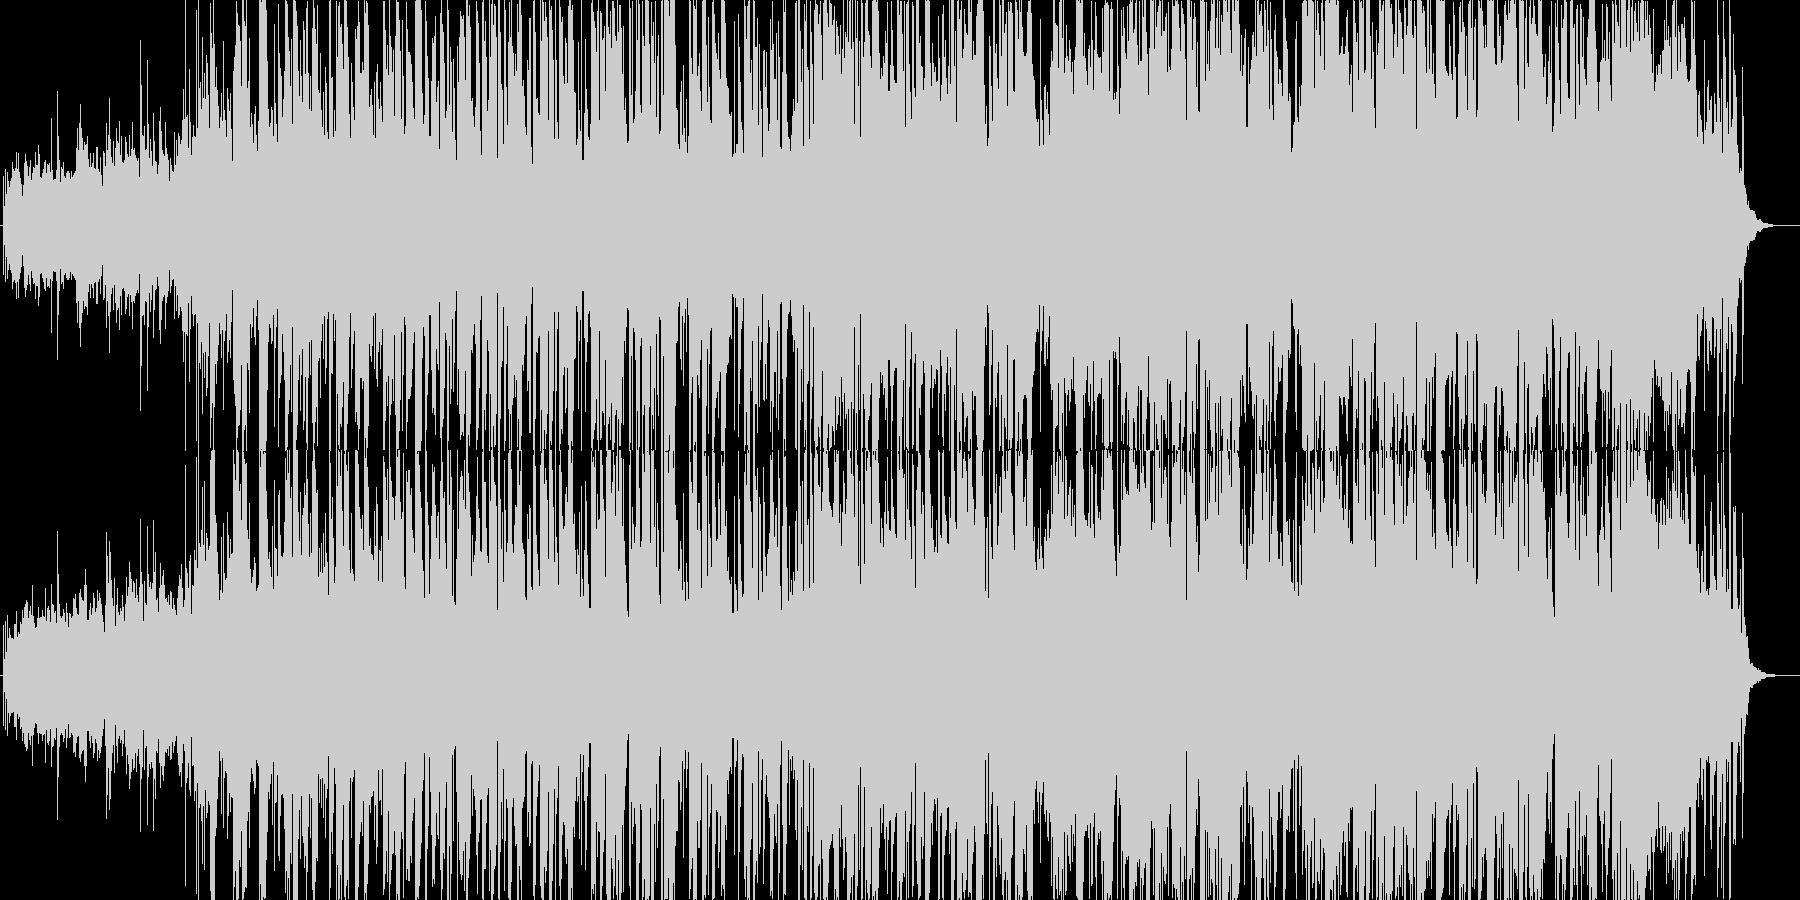 和風な雰囲気のスムースジャズ風の未再生の波形